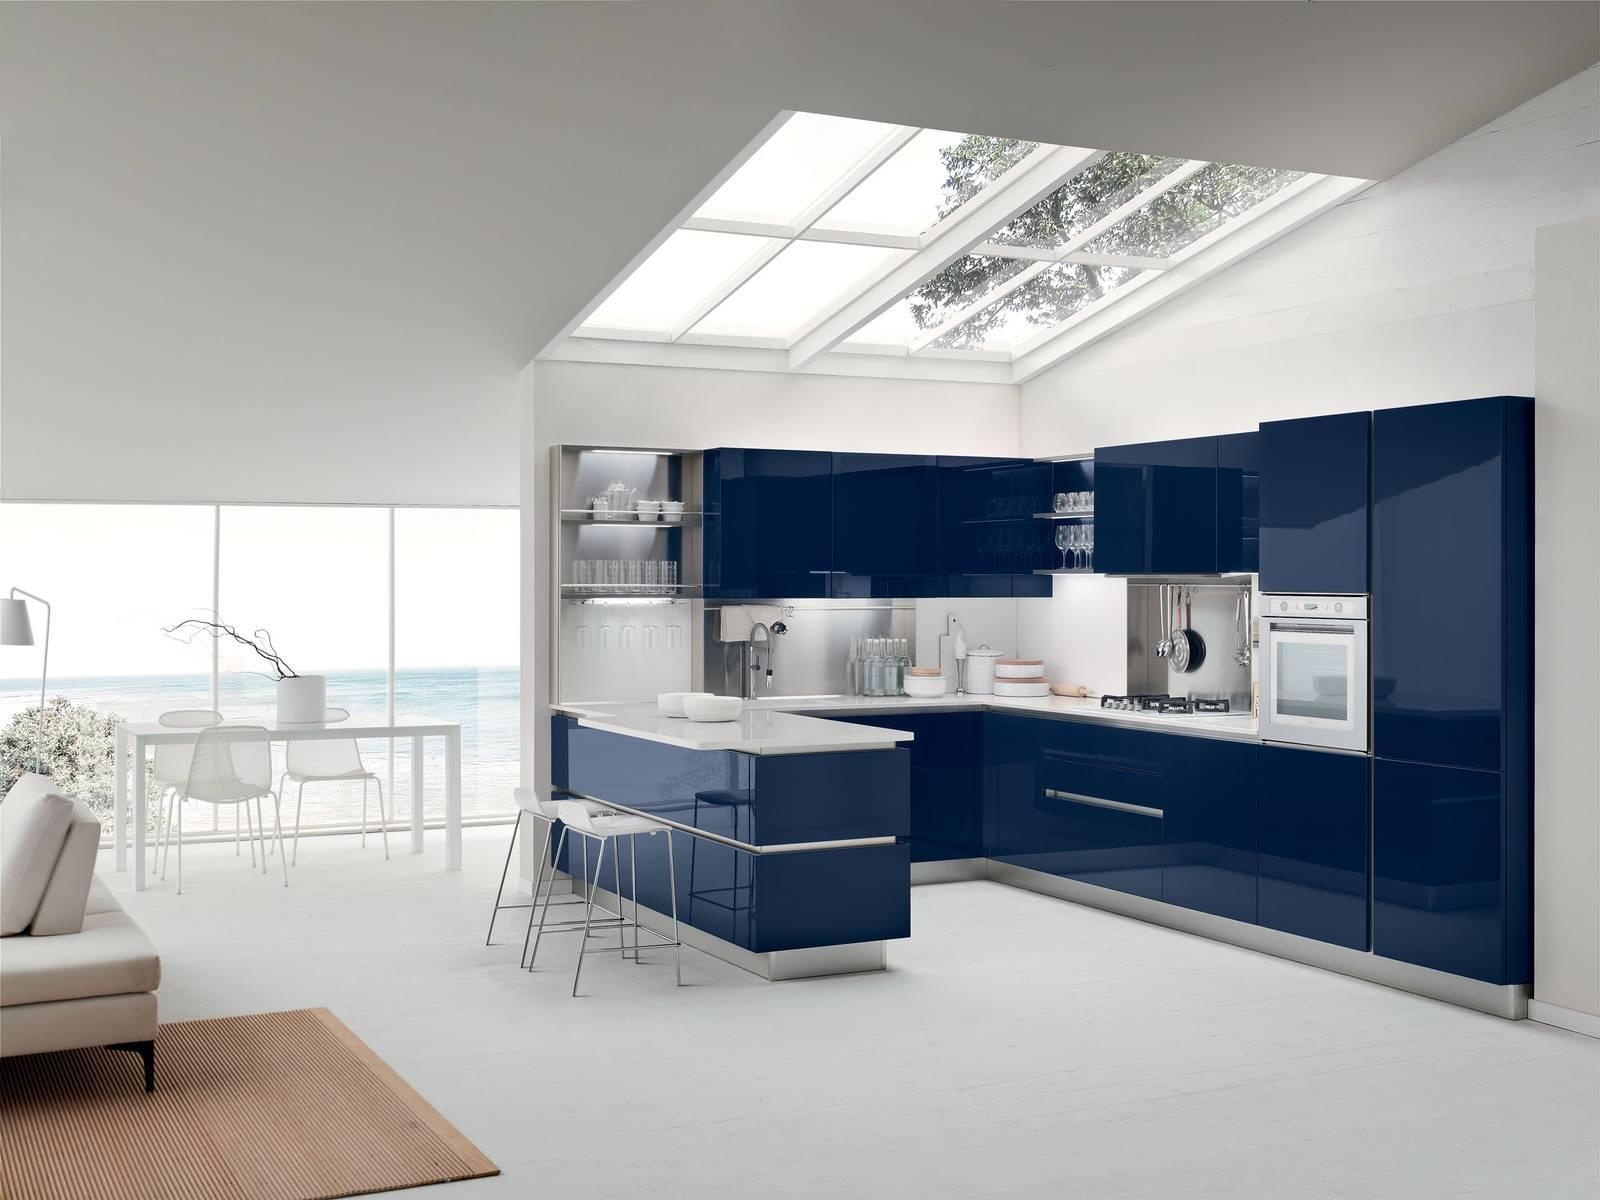 Per la cucina un piano di lavoro resistente e facile da pulire cose di casa - Piano in quarzo veneta cucine ...